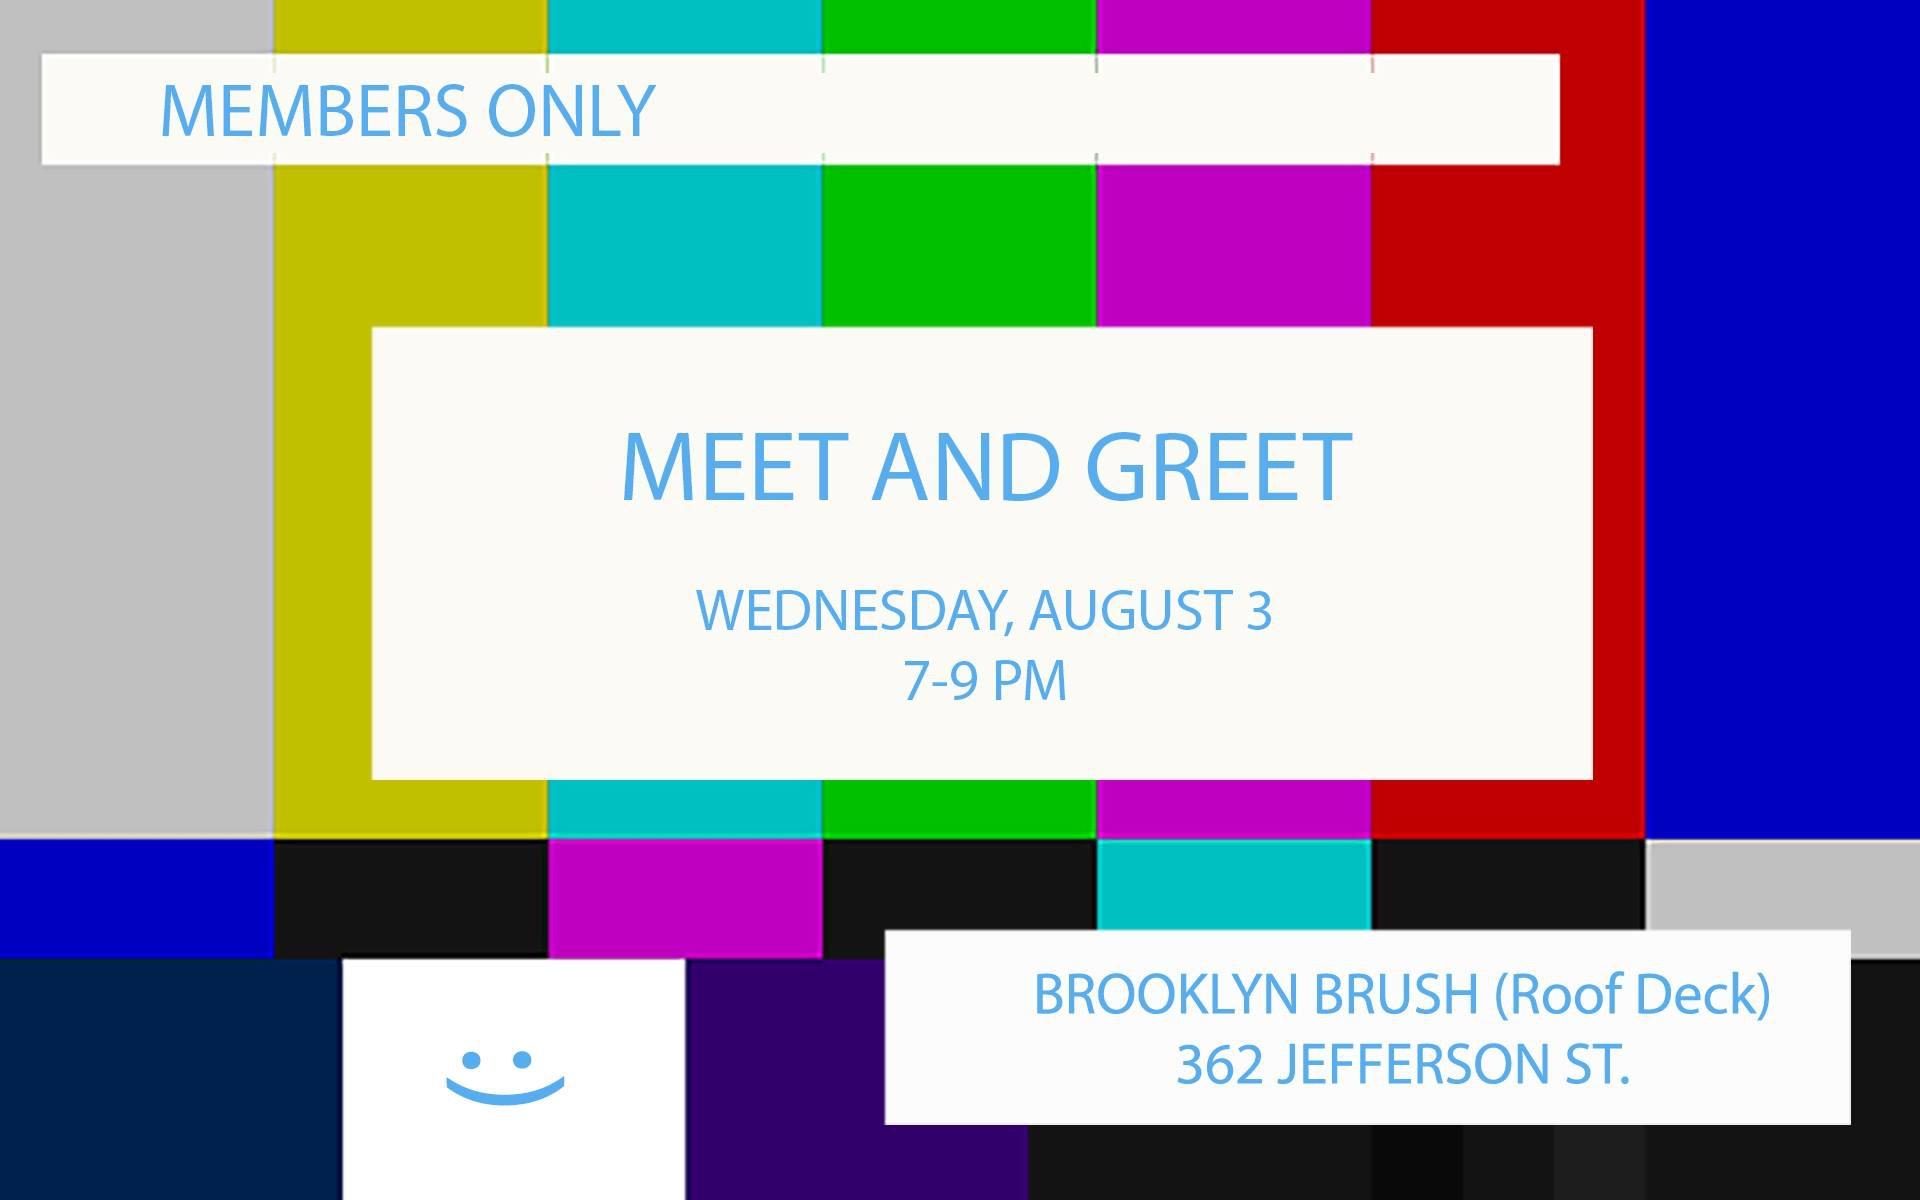 Rooftop Meet & Greet - August 3, 2016